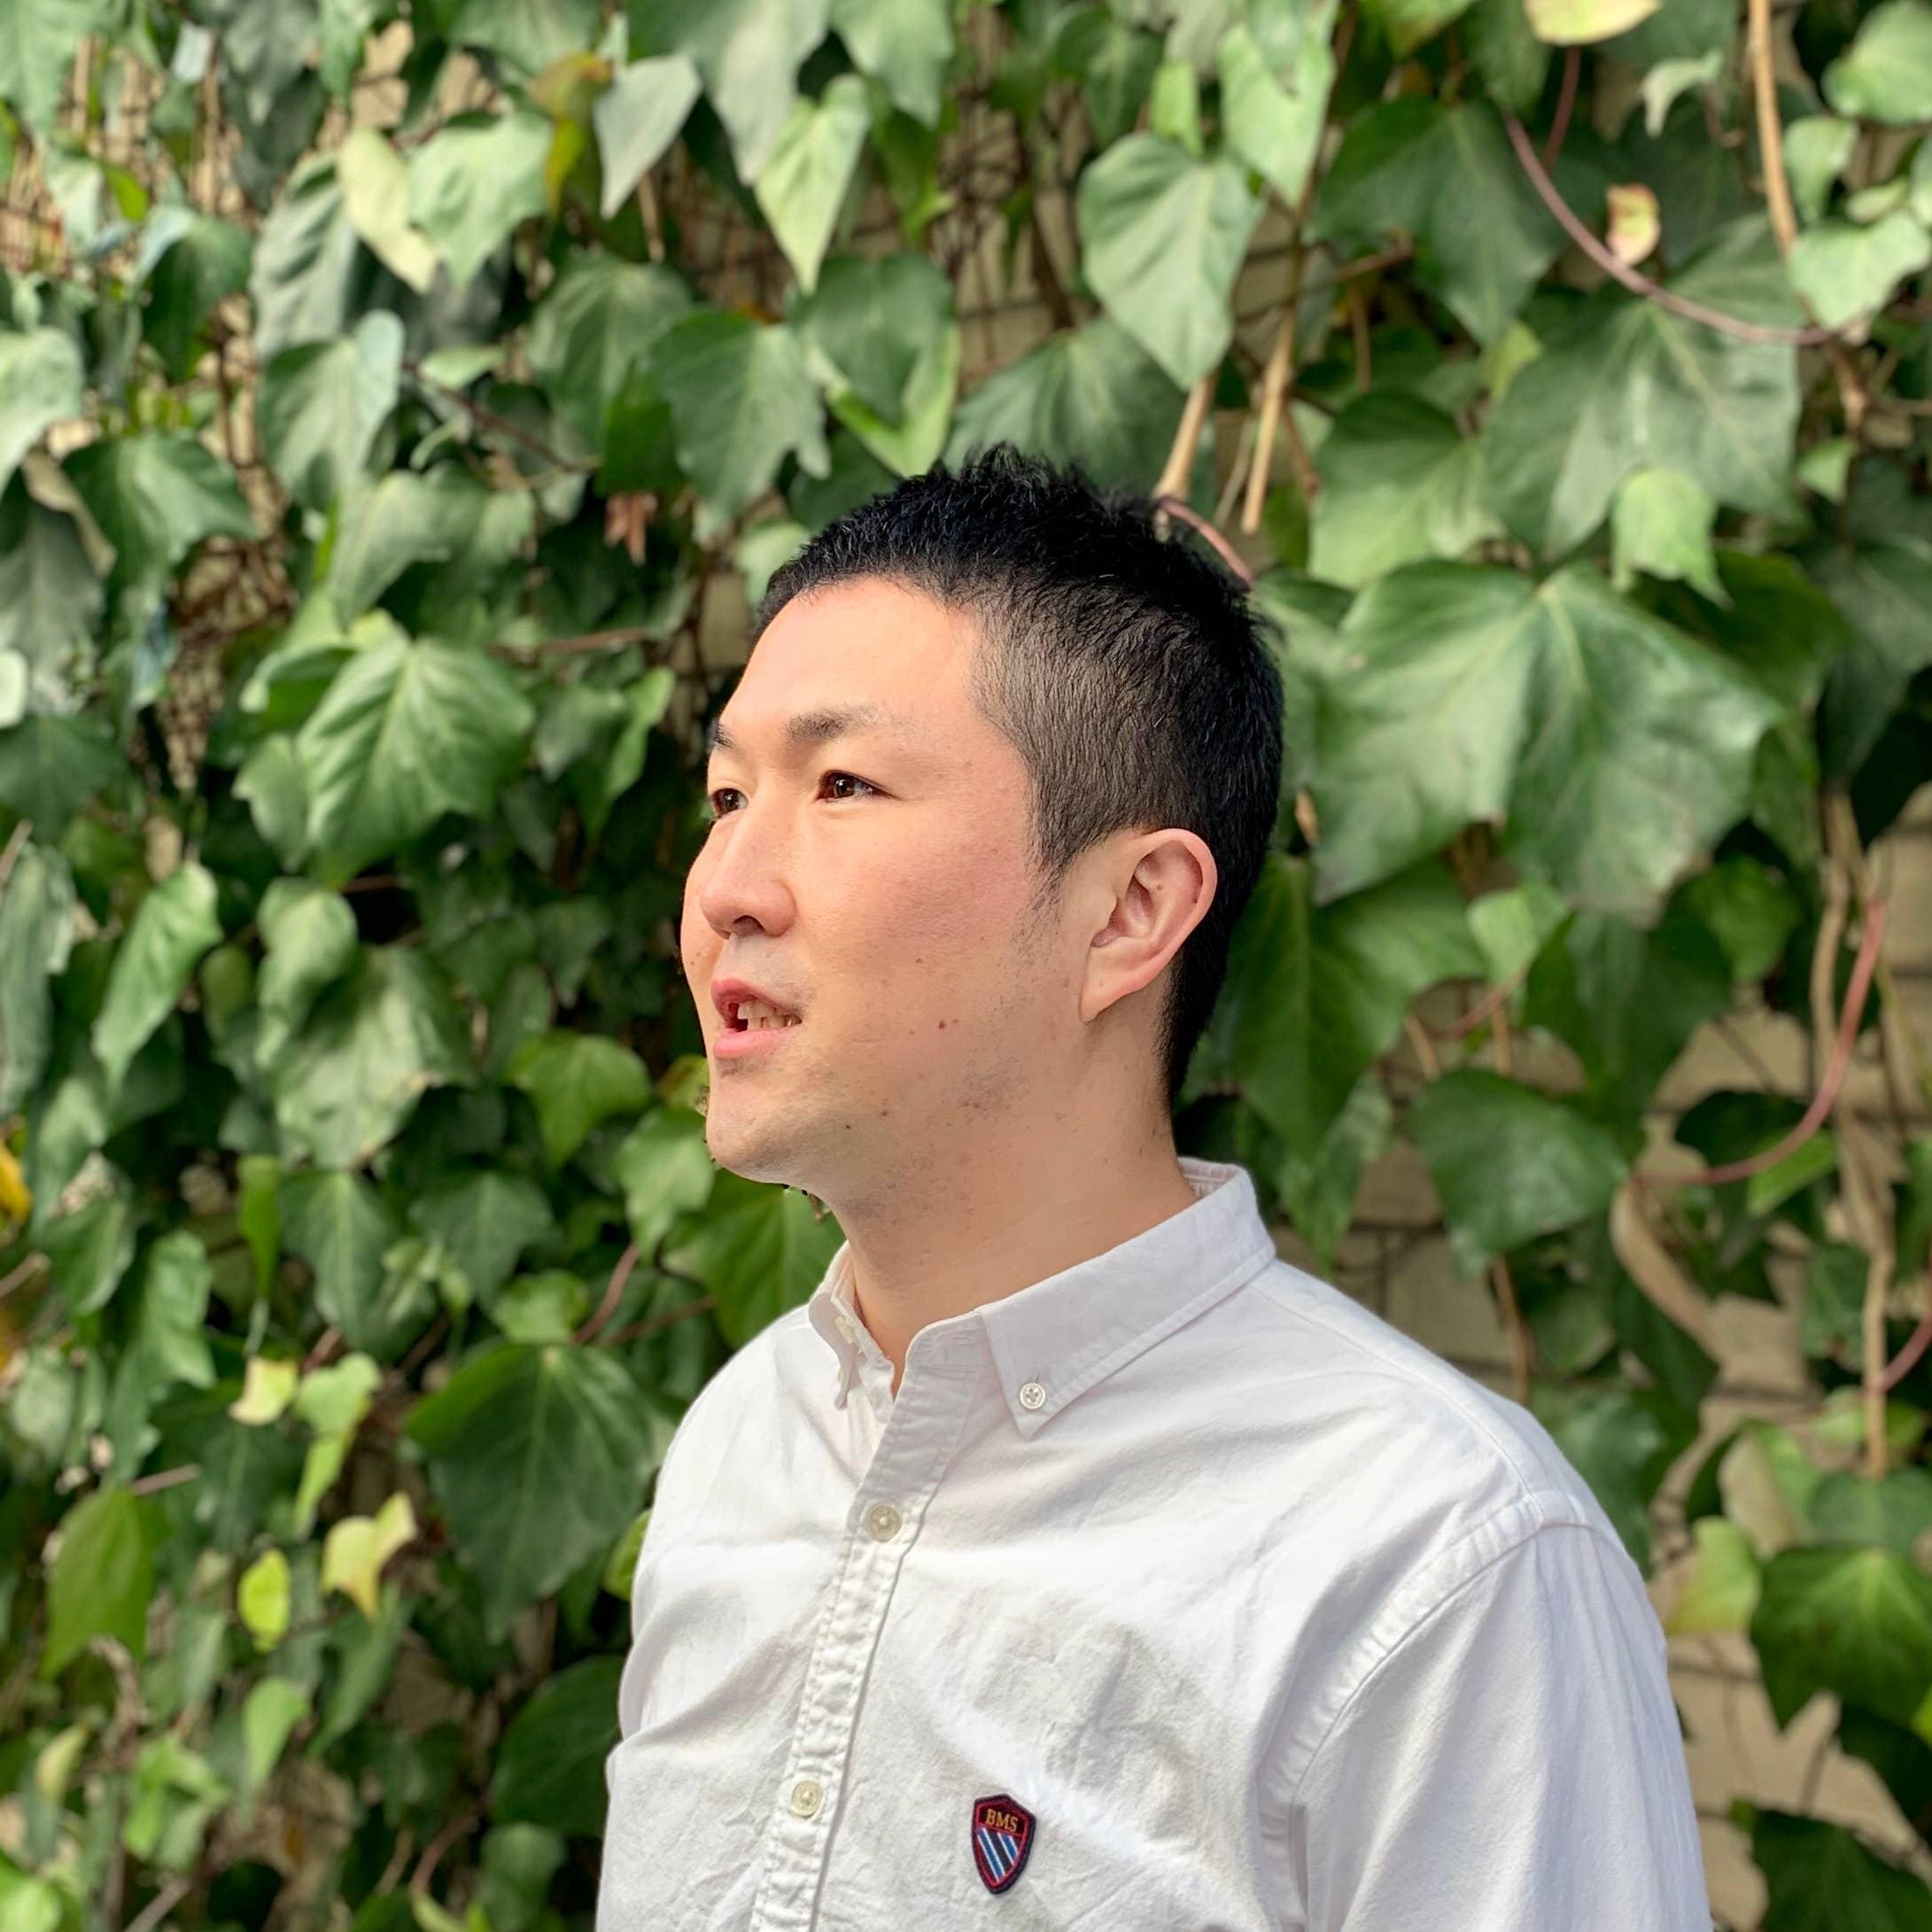 Shigeo Matsuda